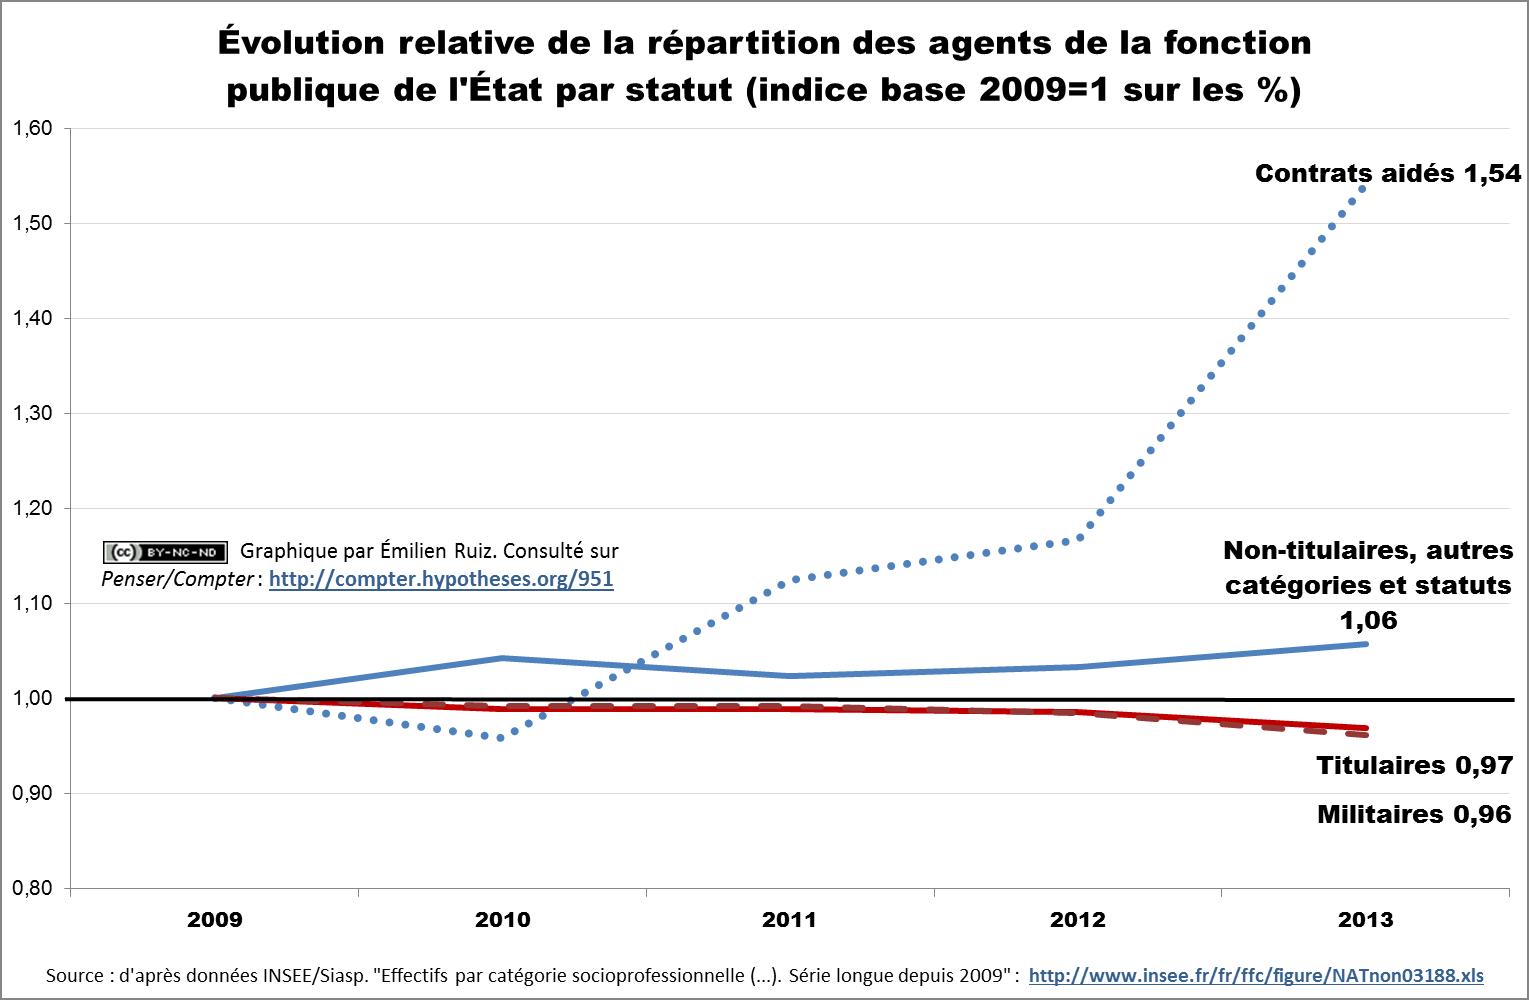 Évolution relative des agents de la fonction publique de l'État selon le statut (en indice base 2009 = 1,00 sur les %)